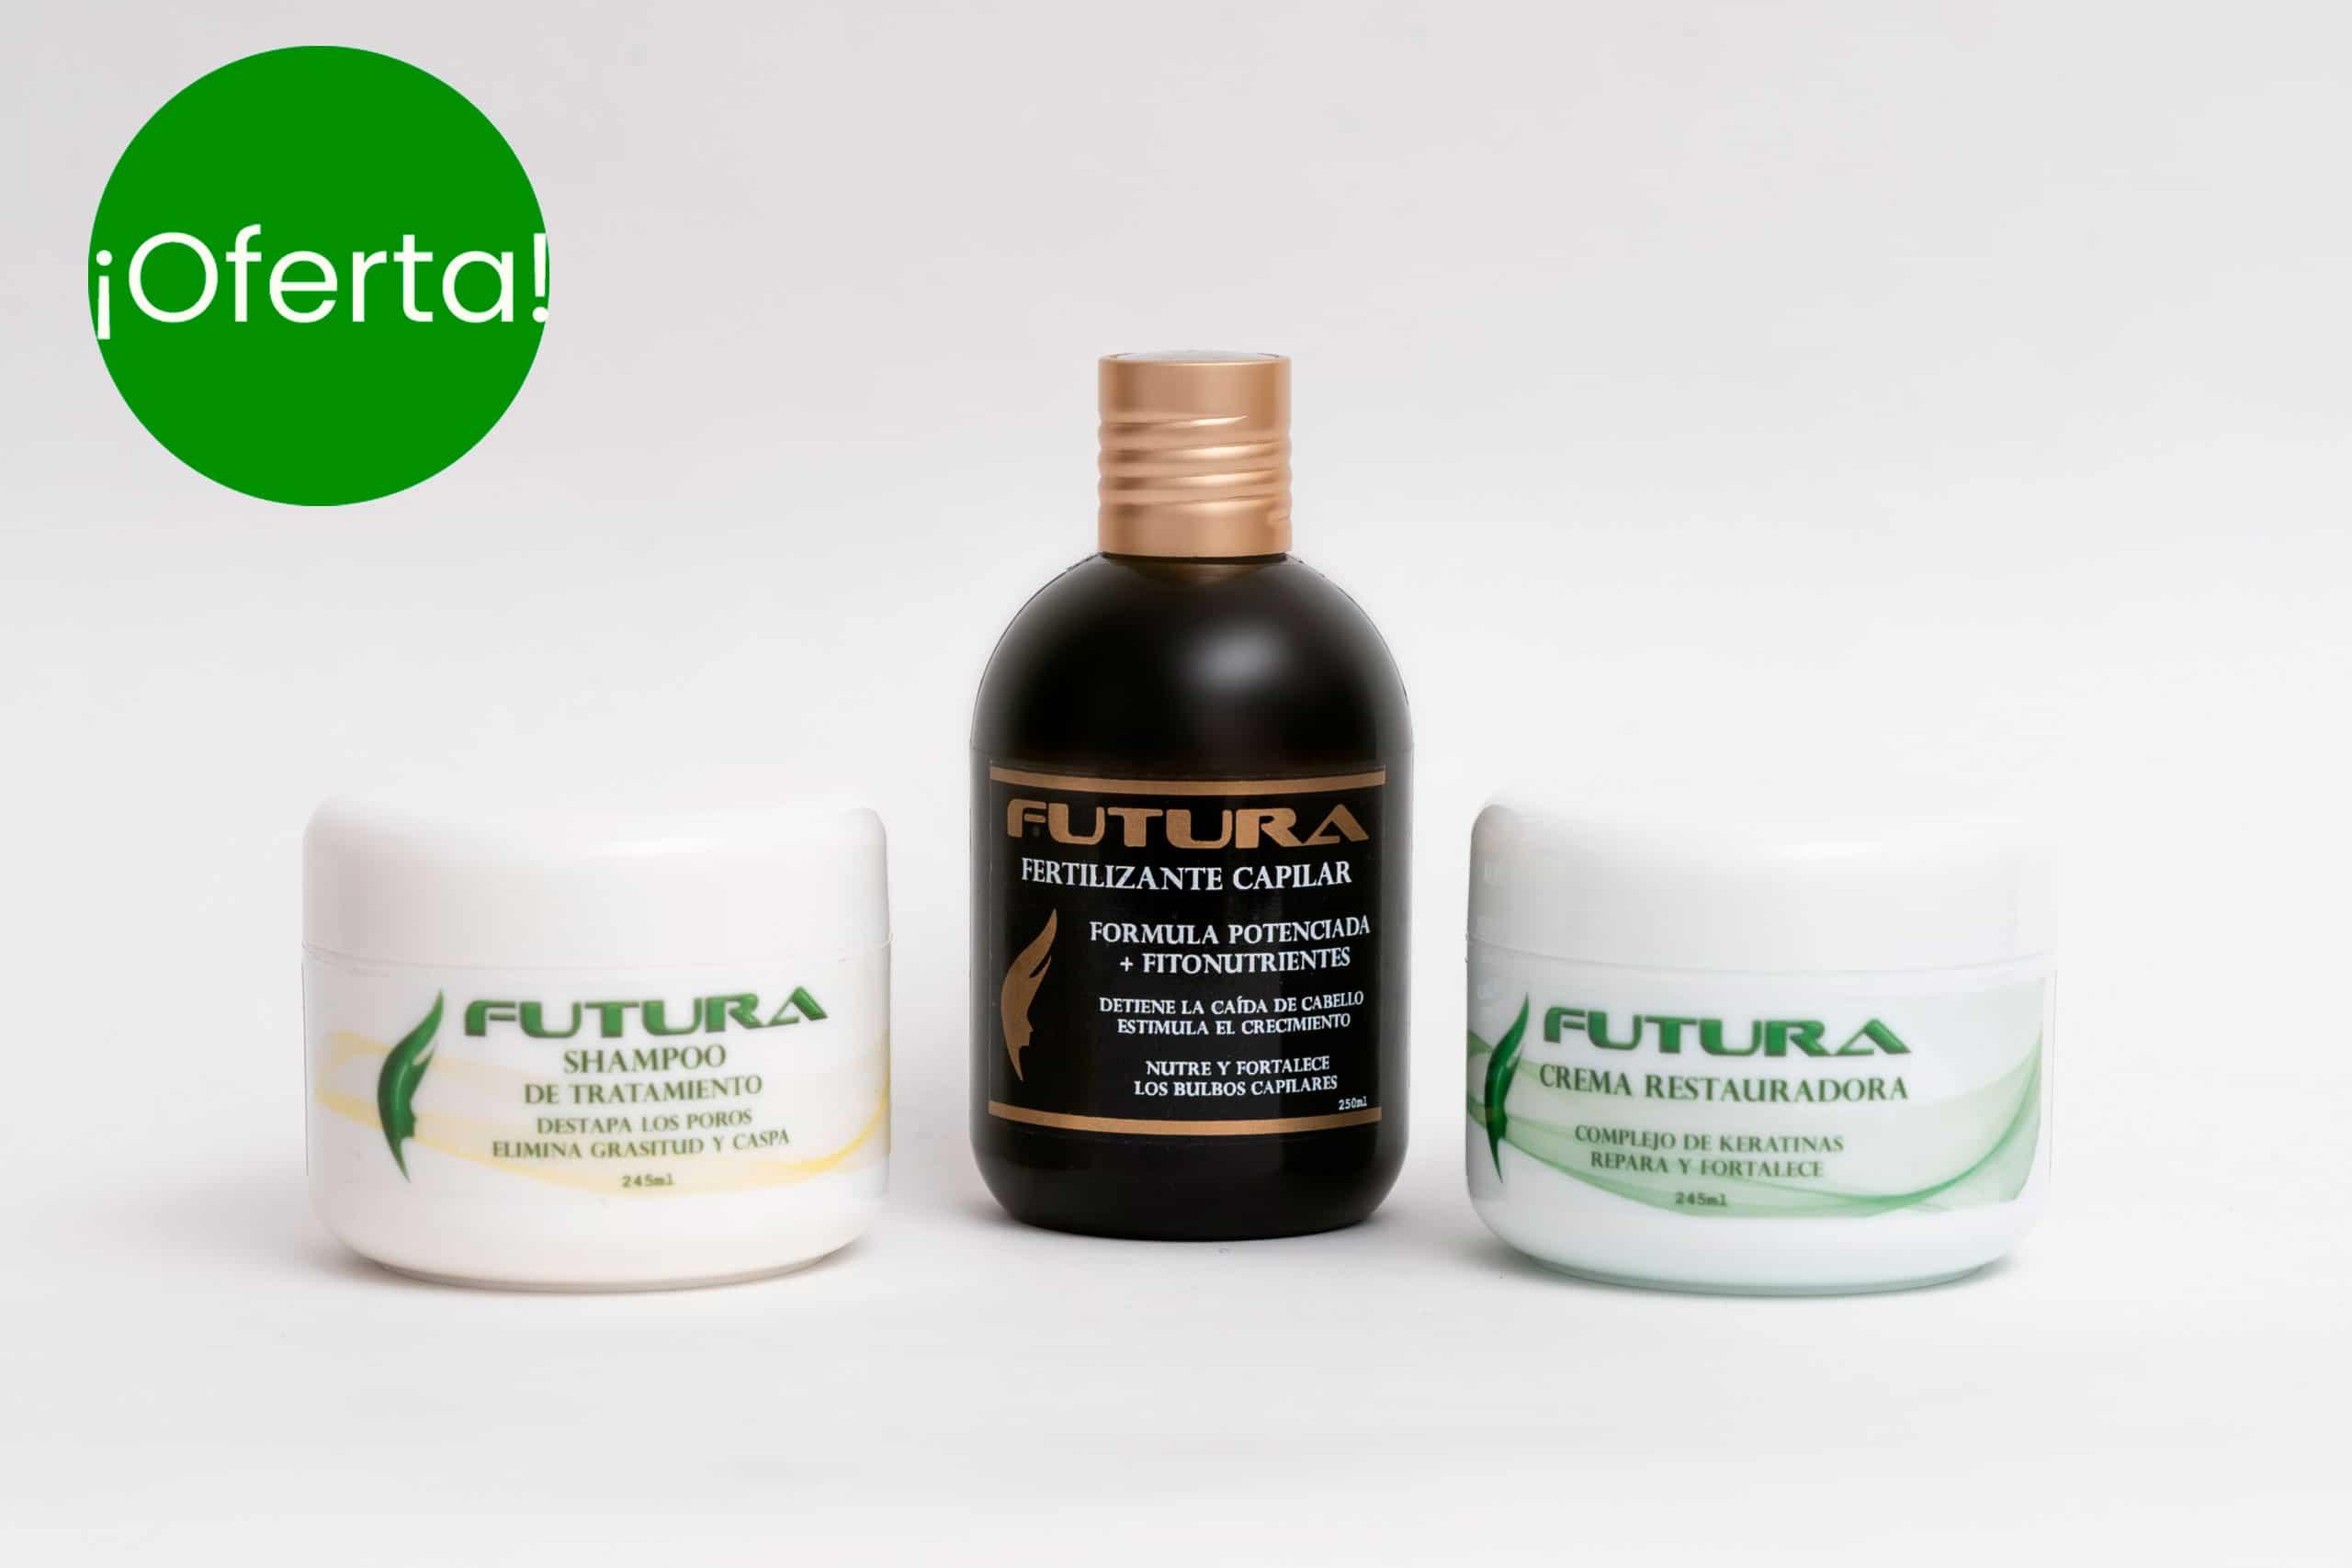 Tratamiento-Anti-Caída-del-Cabello,-Restauración-Capilar-Futuraproductos